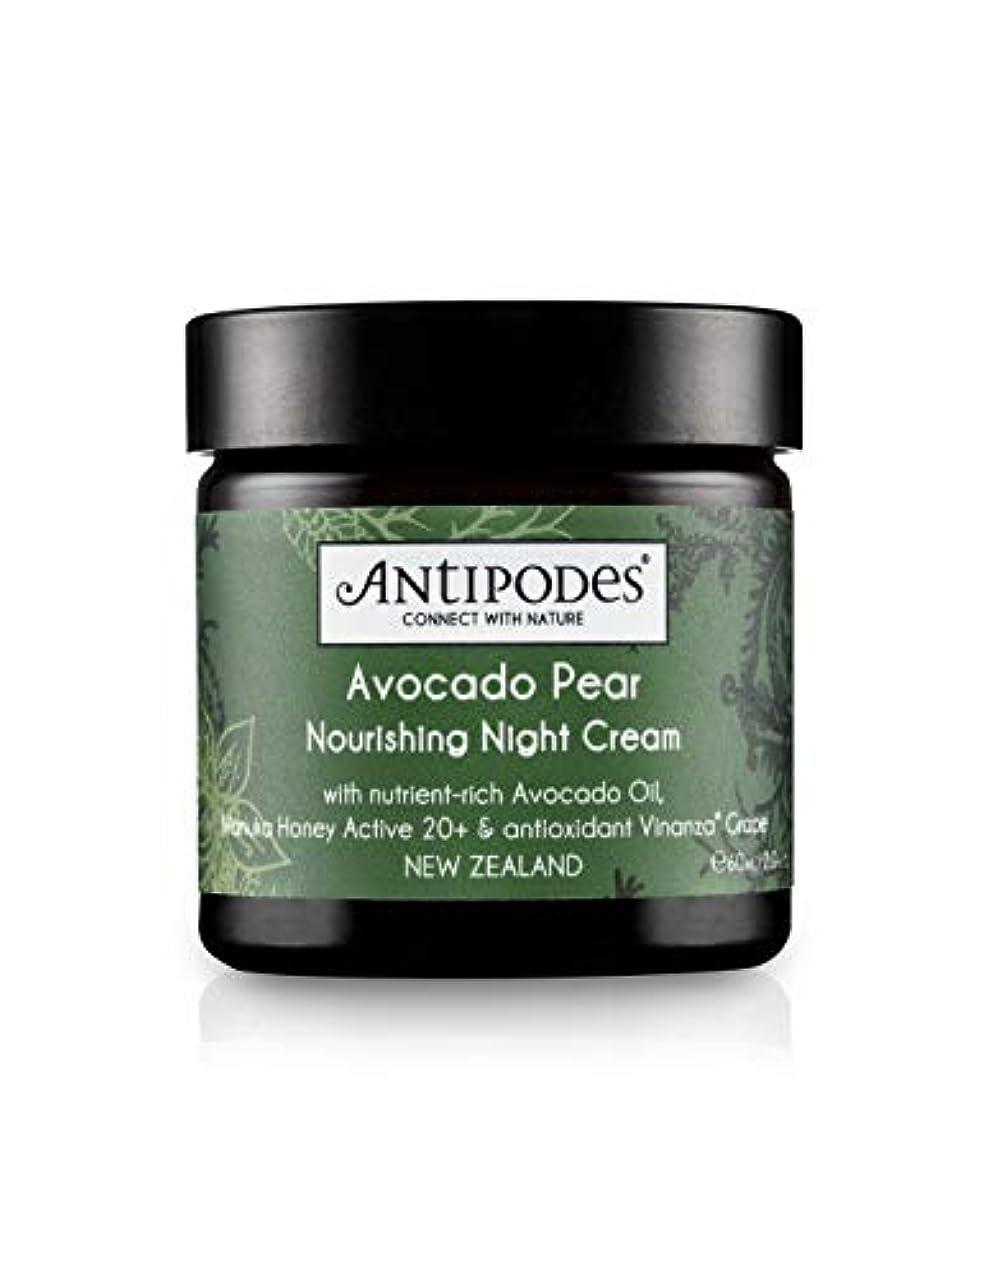 眠る男やもめ消費するAntipodes(アンティポディース) アボカドペアー ナリッシングナイトクリーム